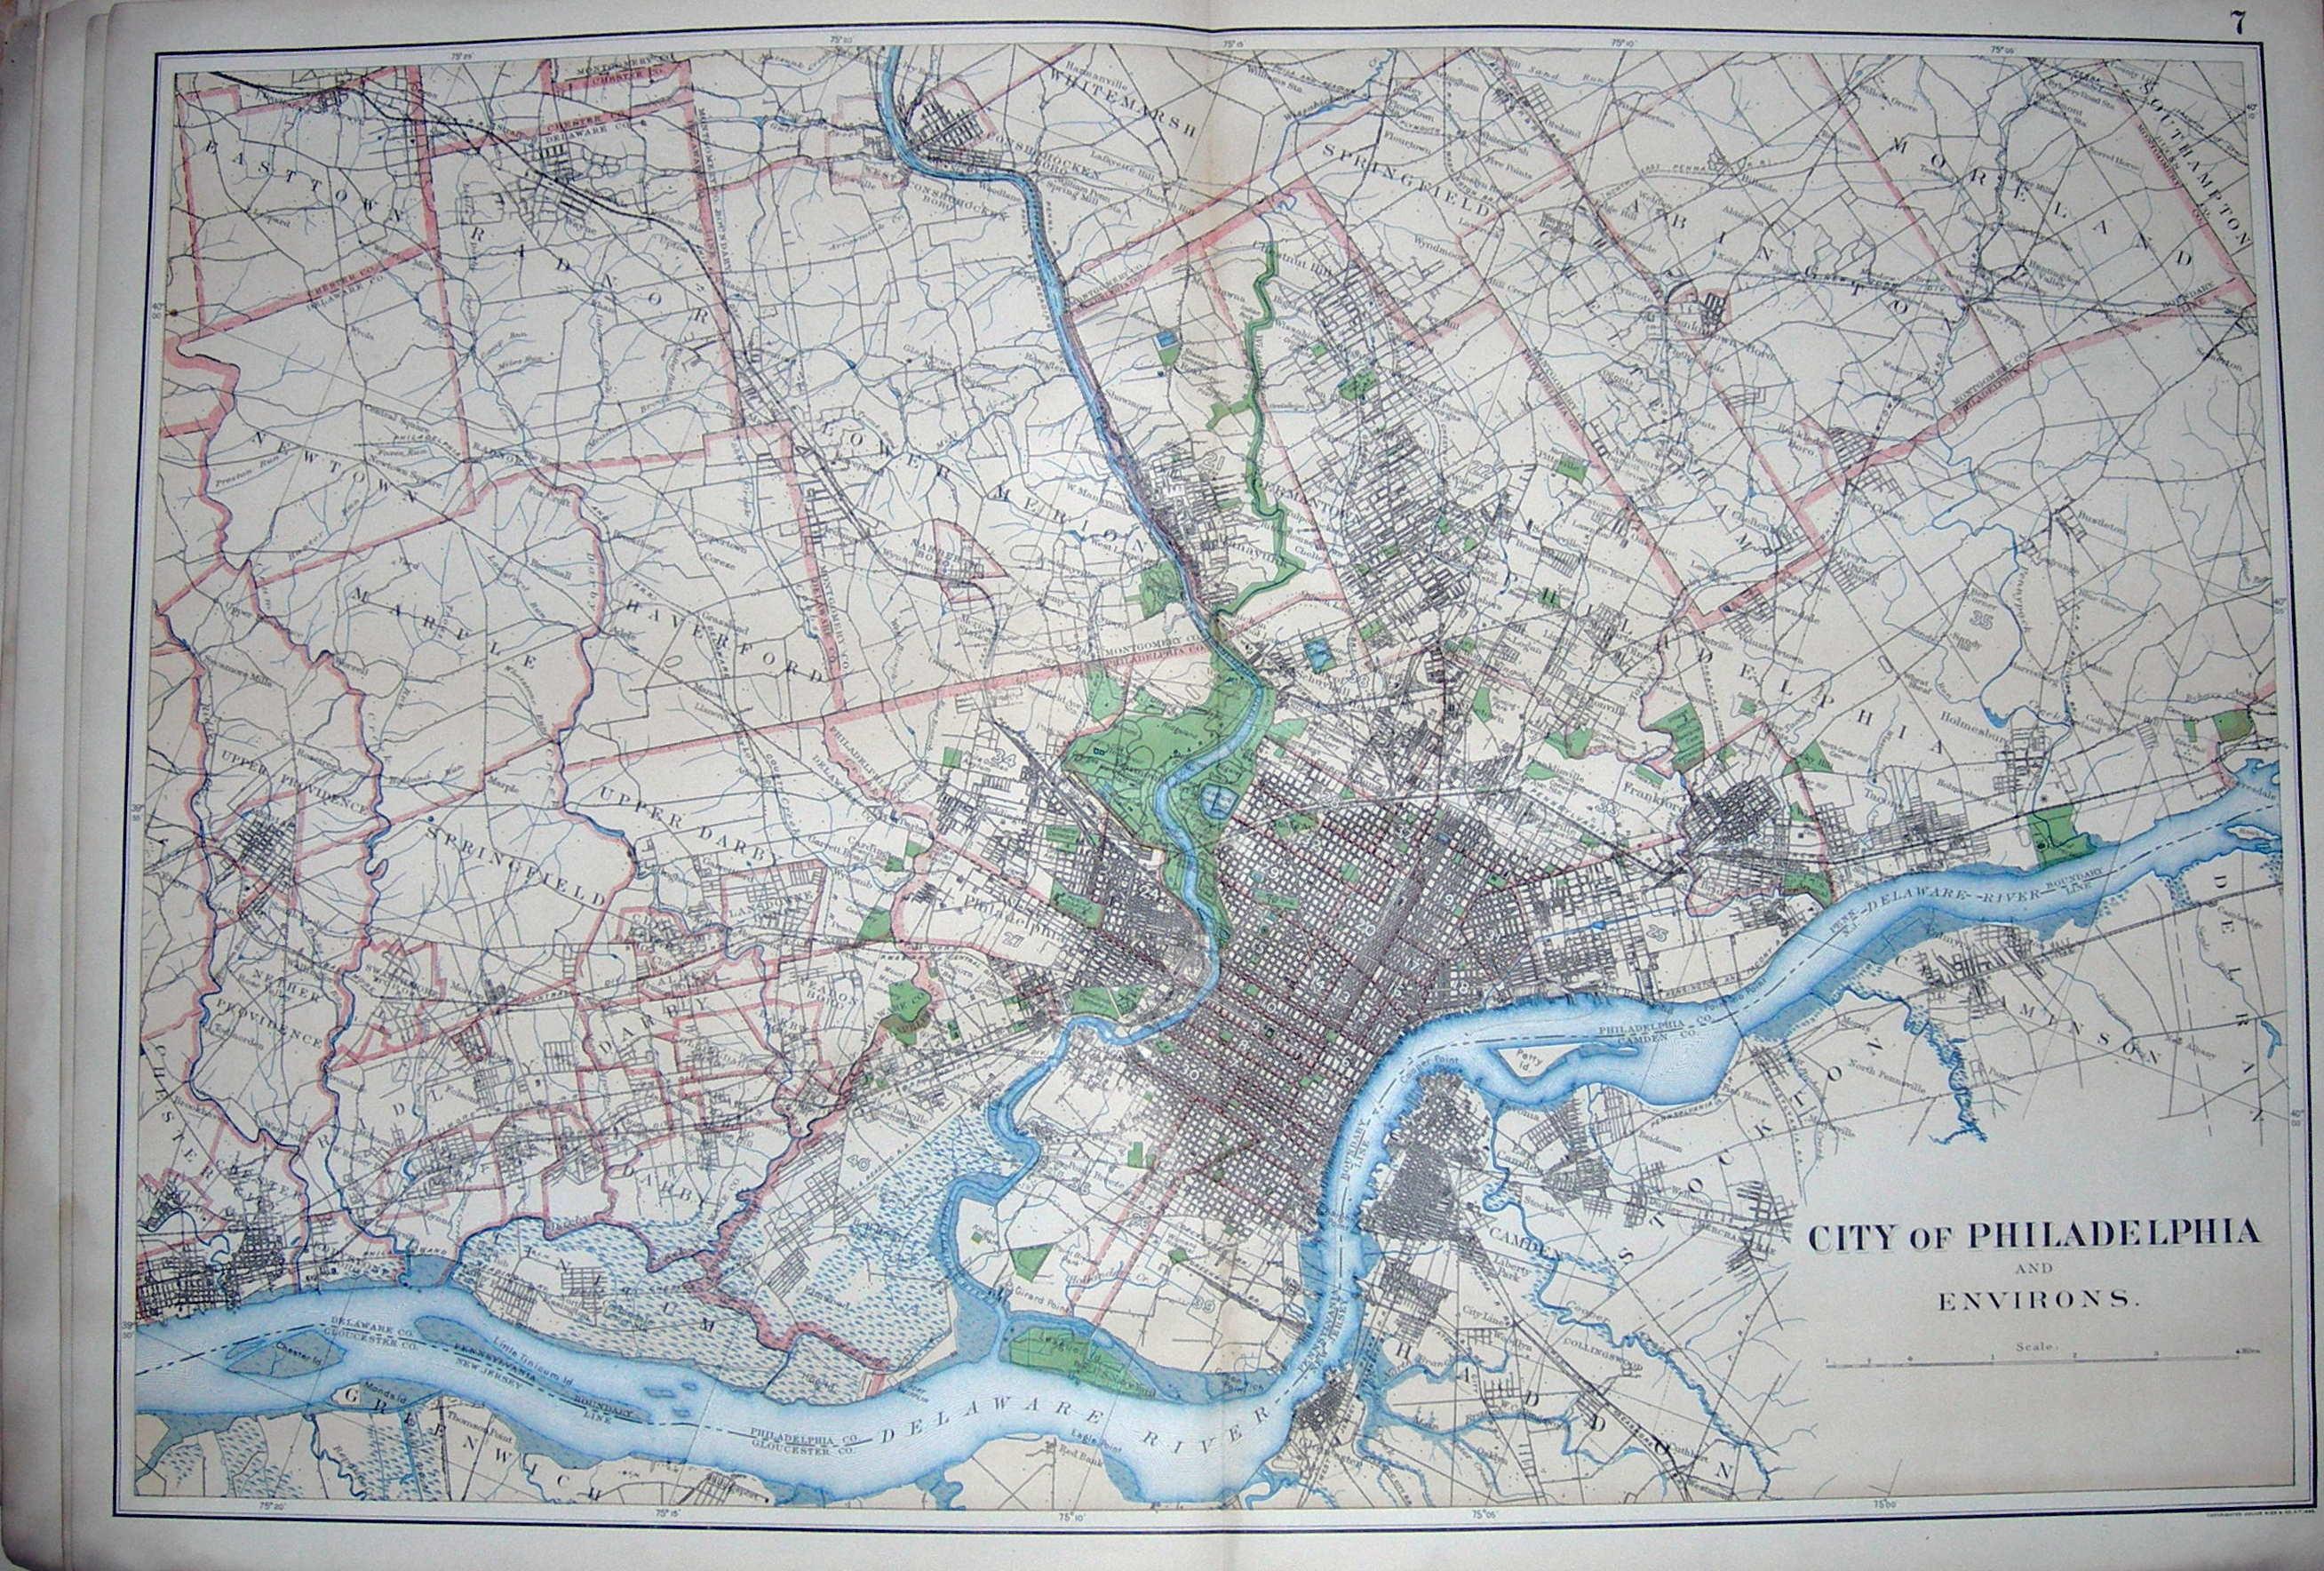 The 1900 Atlas of Pennsylvania